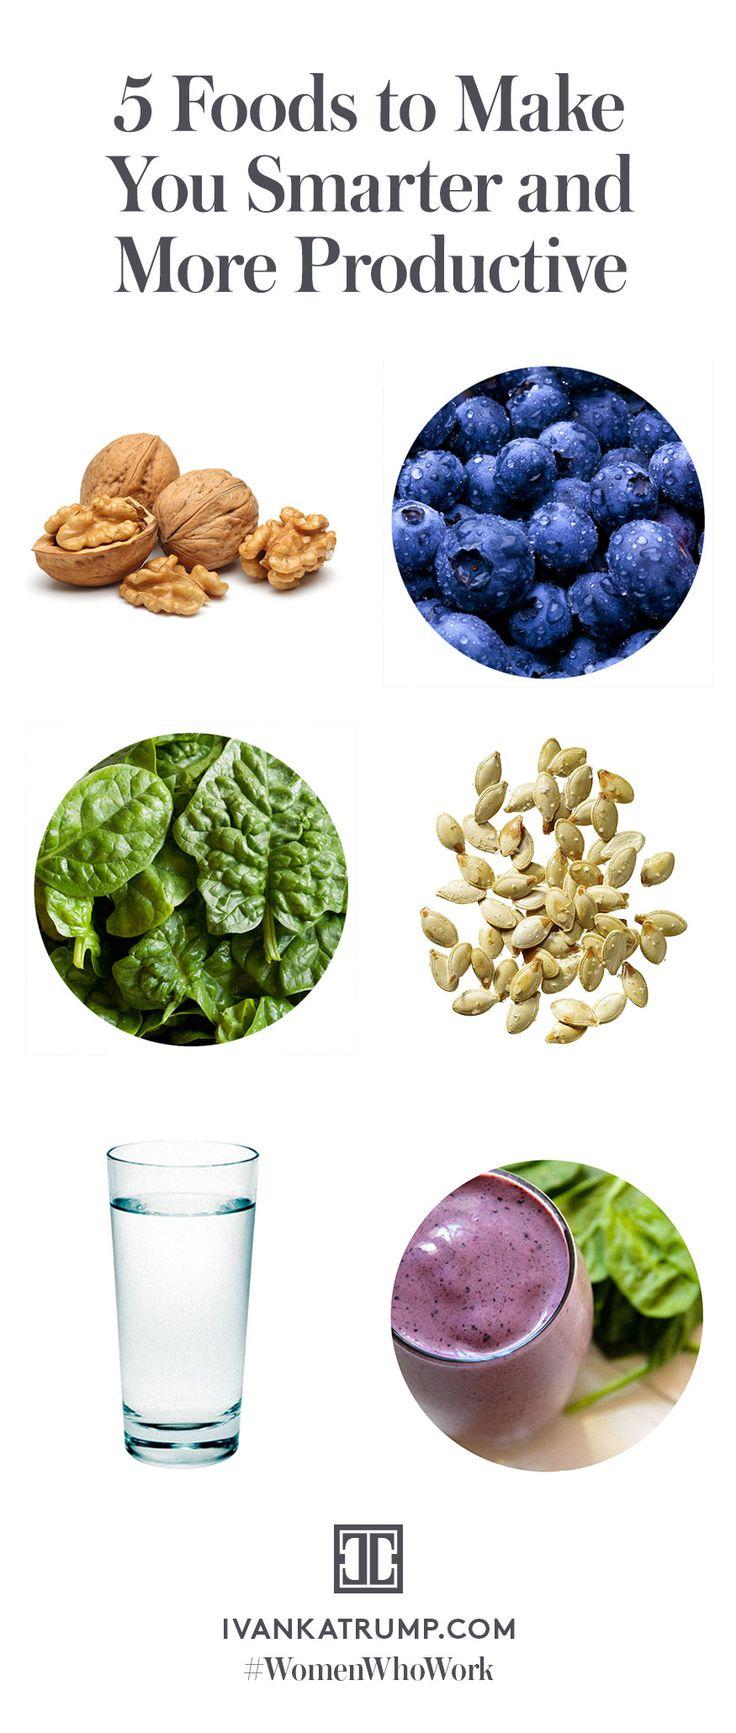 Top 10 Brain Foods for Children